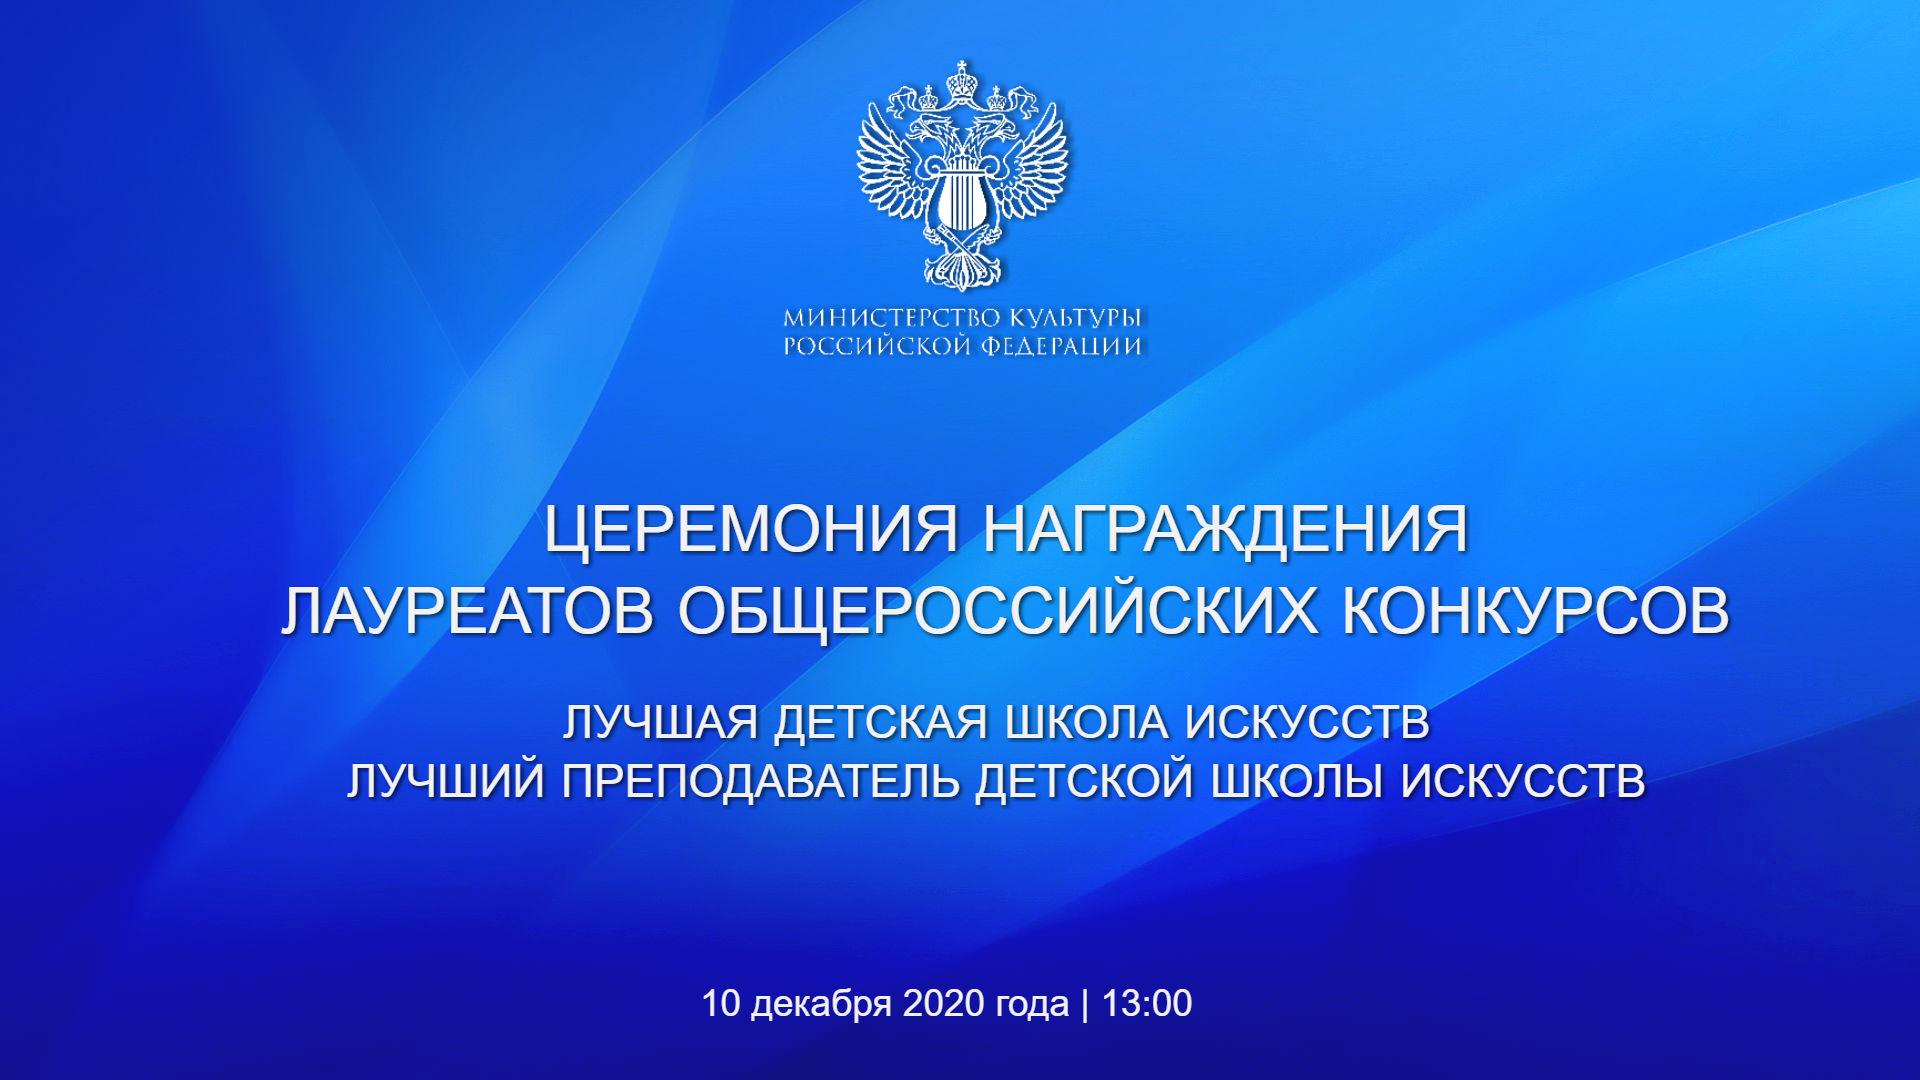 На портале «Культура.РФ» пройдет прямая трансляция церемонии награждения лауреатов Общероссийских конкурсов «Лучшая детская школа искусств» и «Лучший преподаватель детской школы искусств»